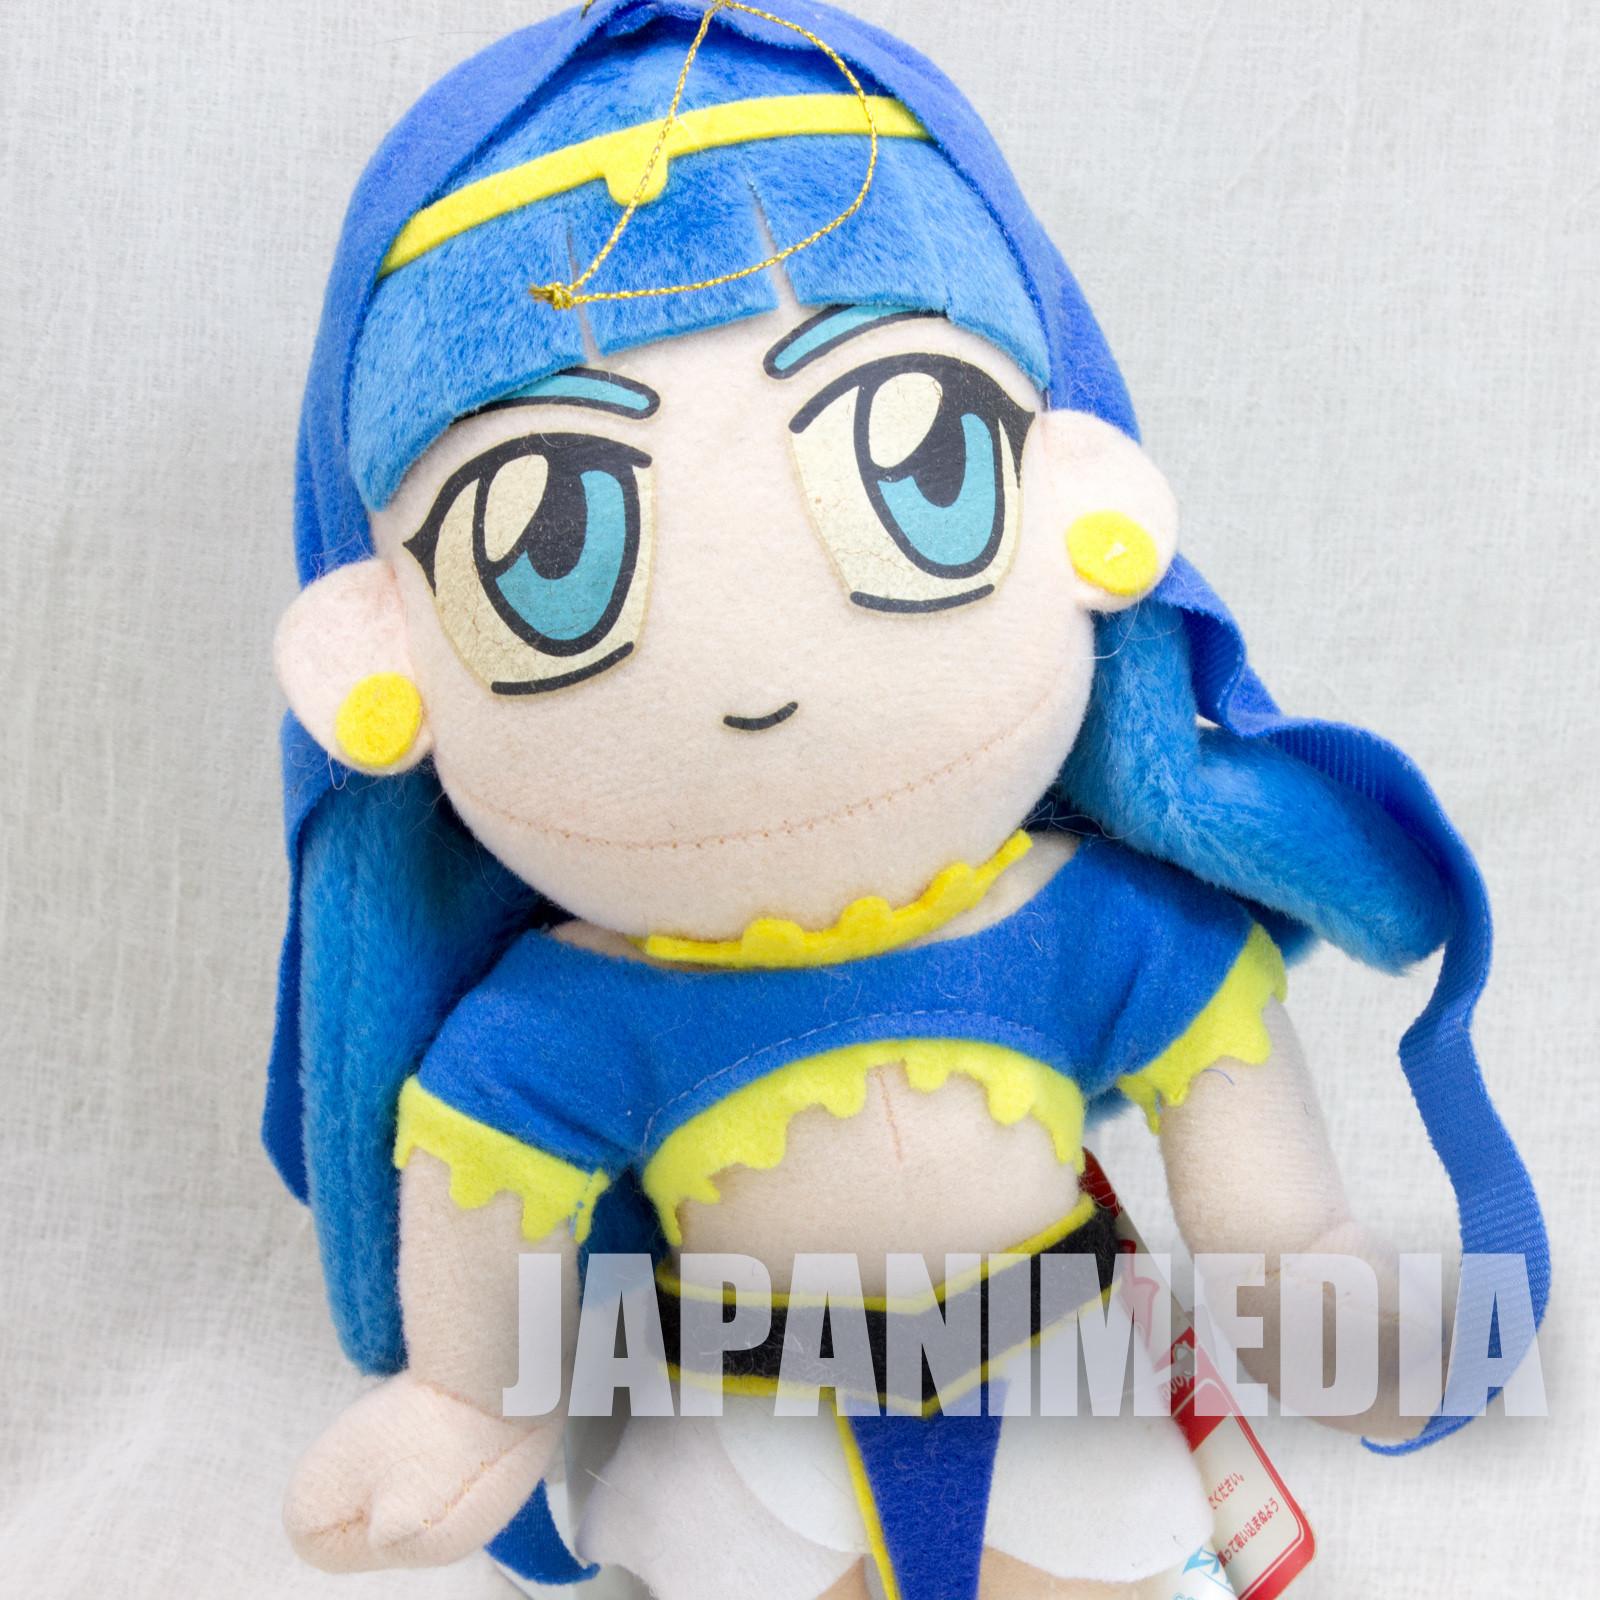 Retro Magic Knight Rayearth 2 Umi Ryuzaki (Chizeta ver. ) Plush Doll SEGA 1995 CLAMP JAPAN